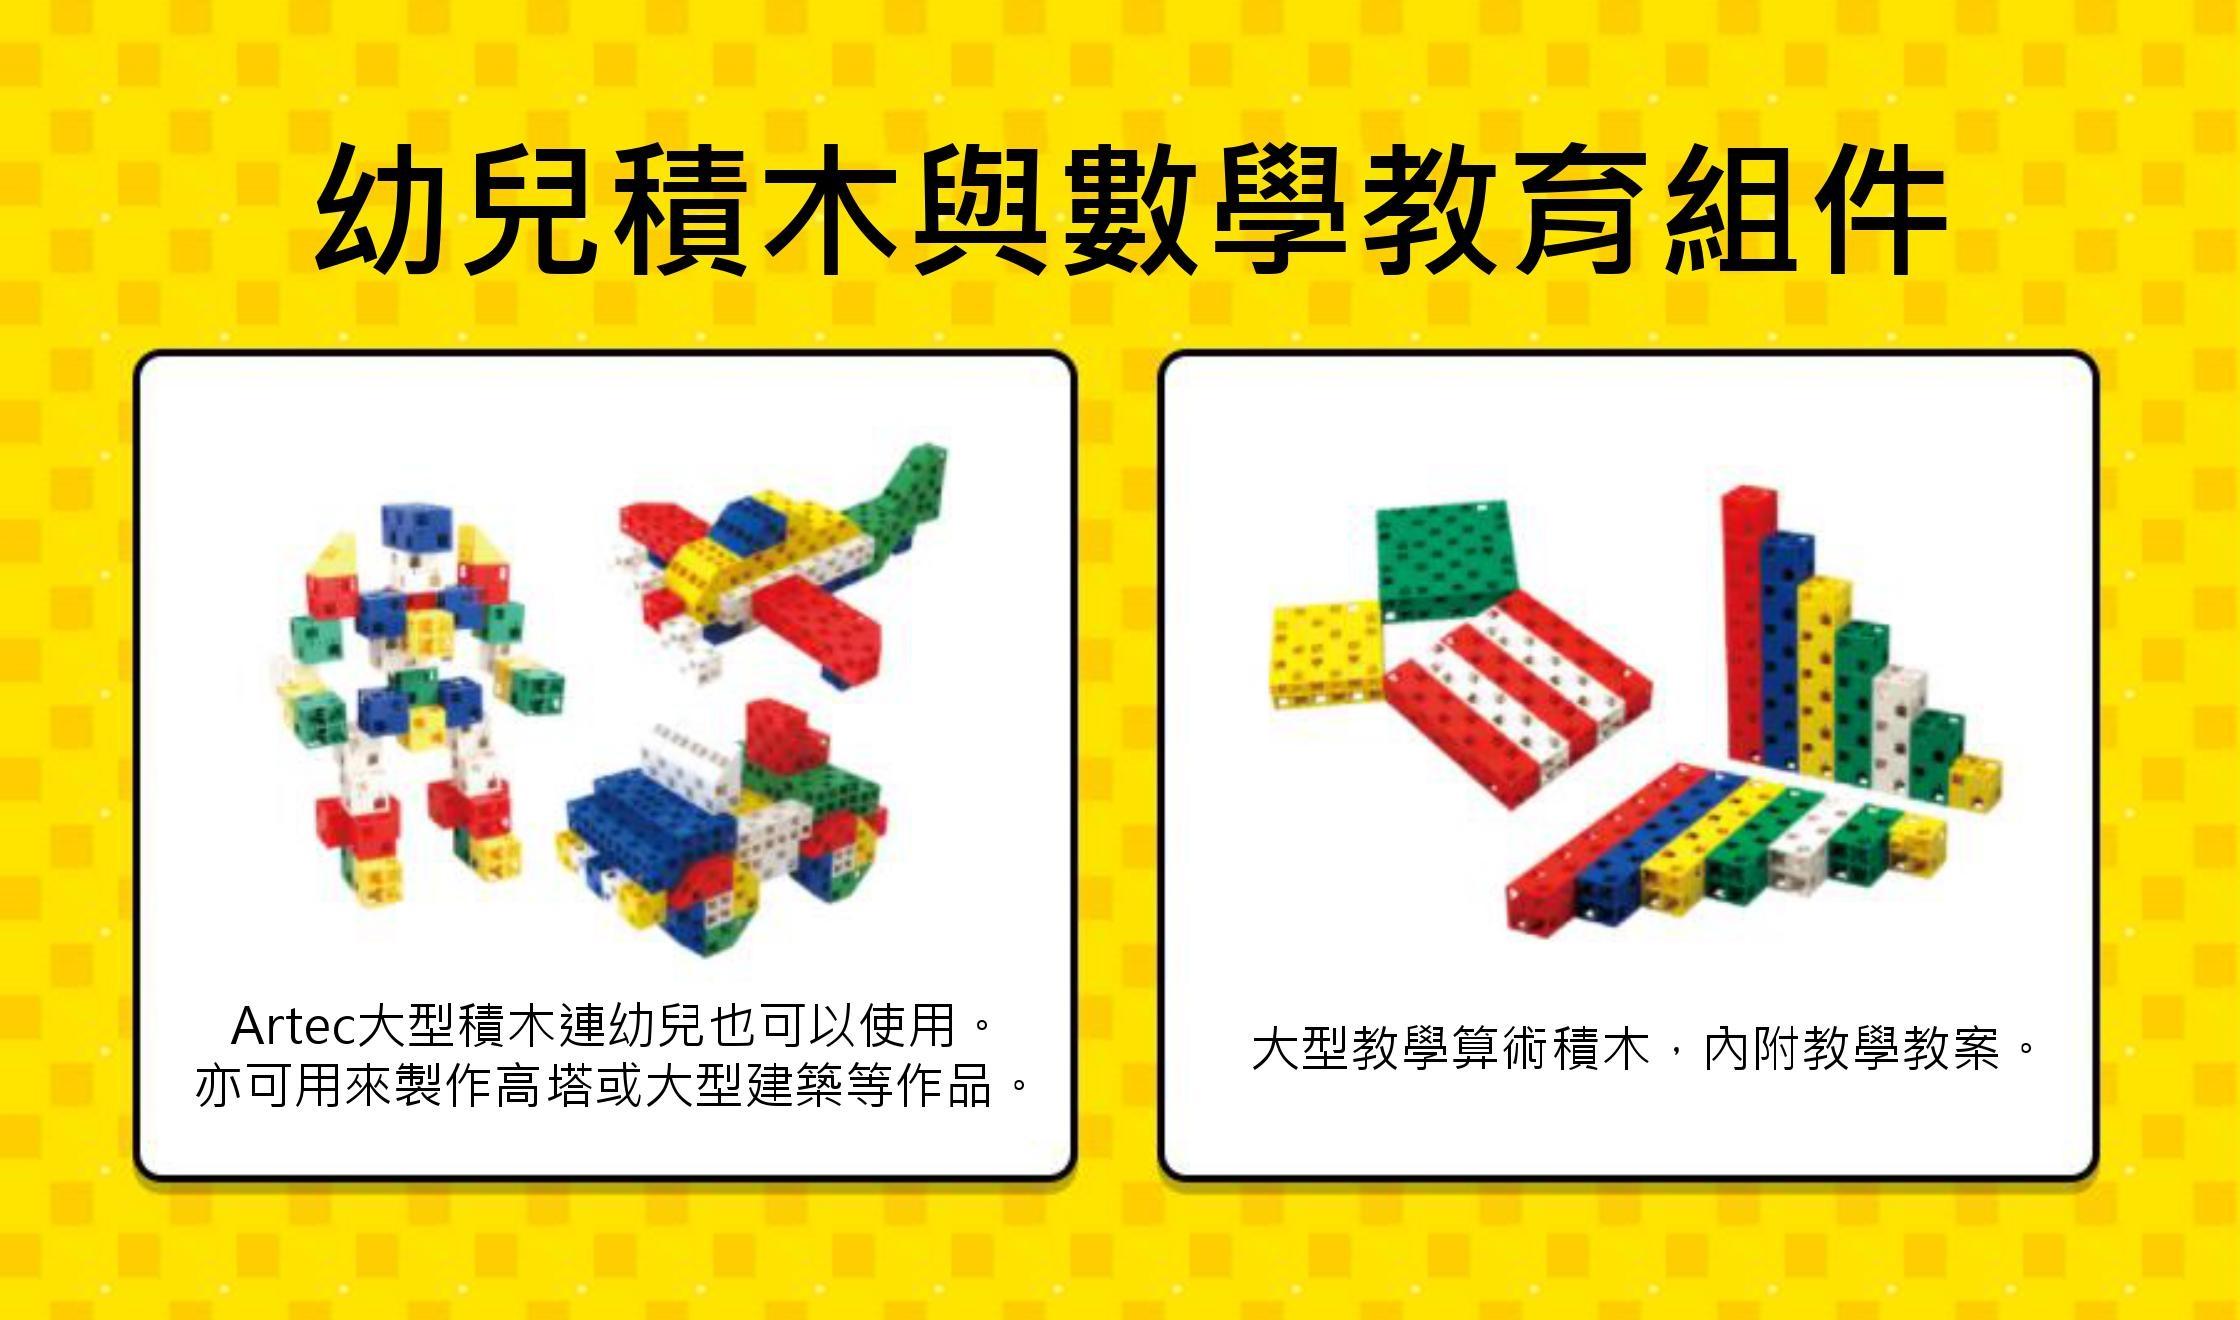 幼兒大型積木及數學教育組件